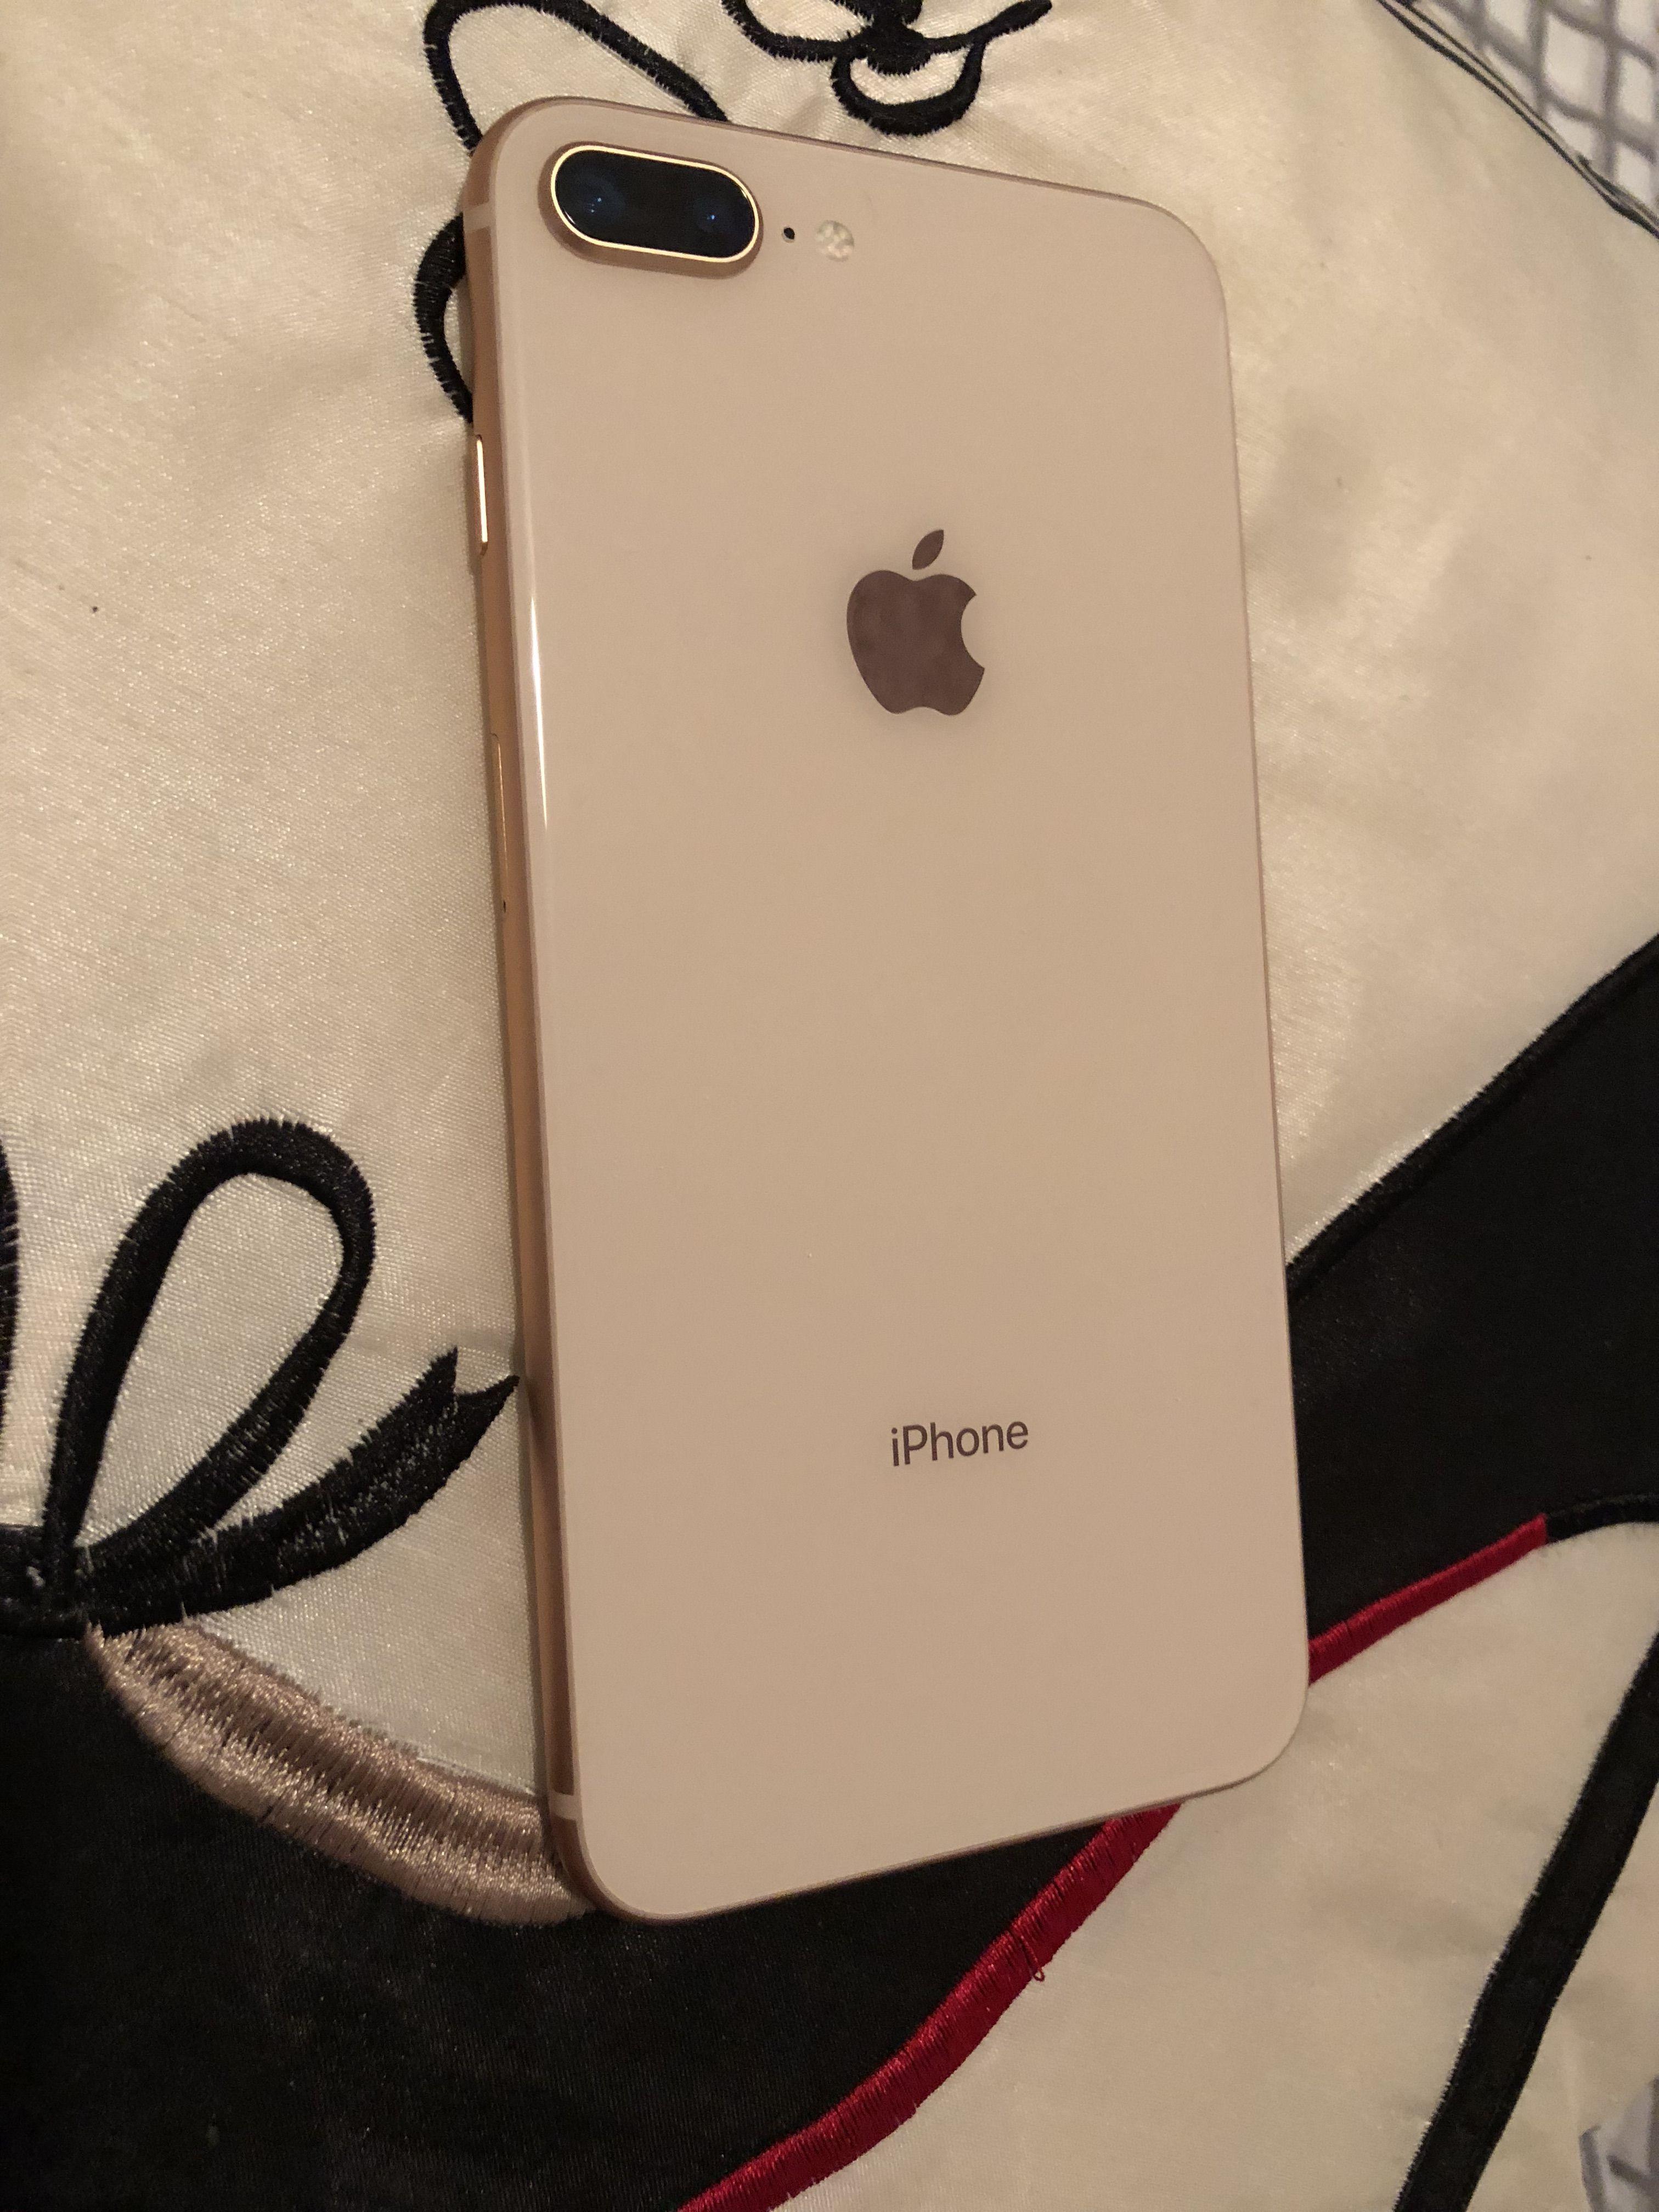 Iphone 8 Plus Gold Acessorios Iphone Iphone 8 Plus Capinhas Celulares Iphone